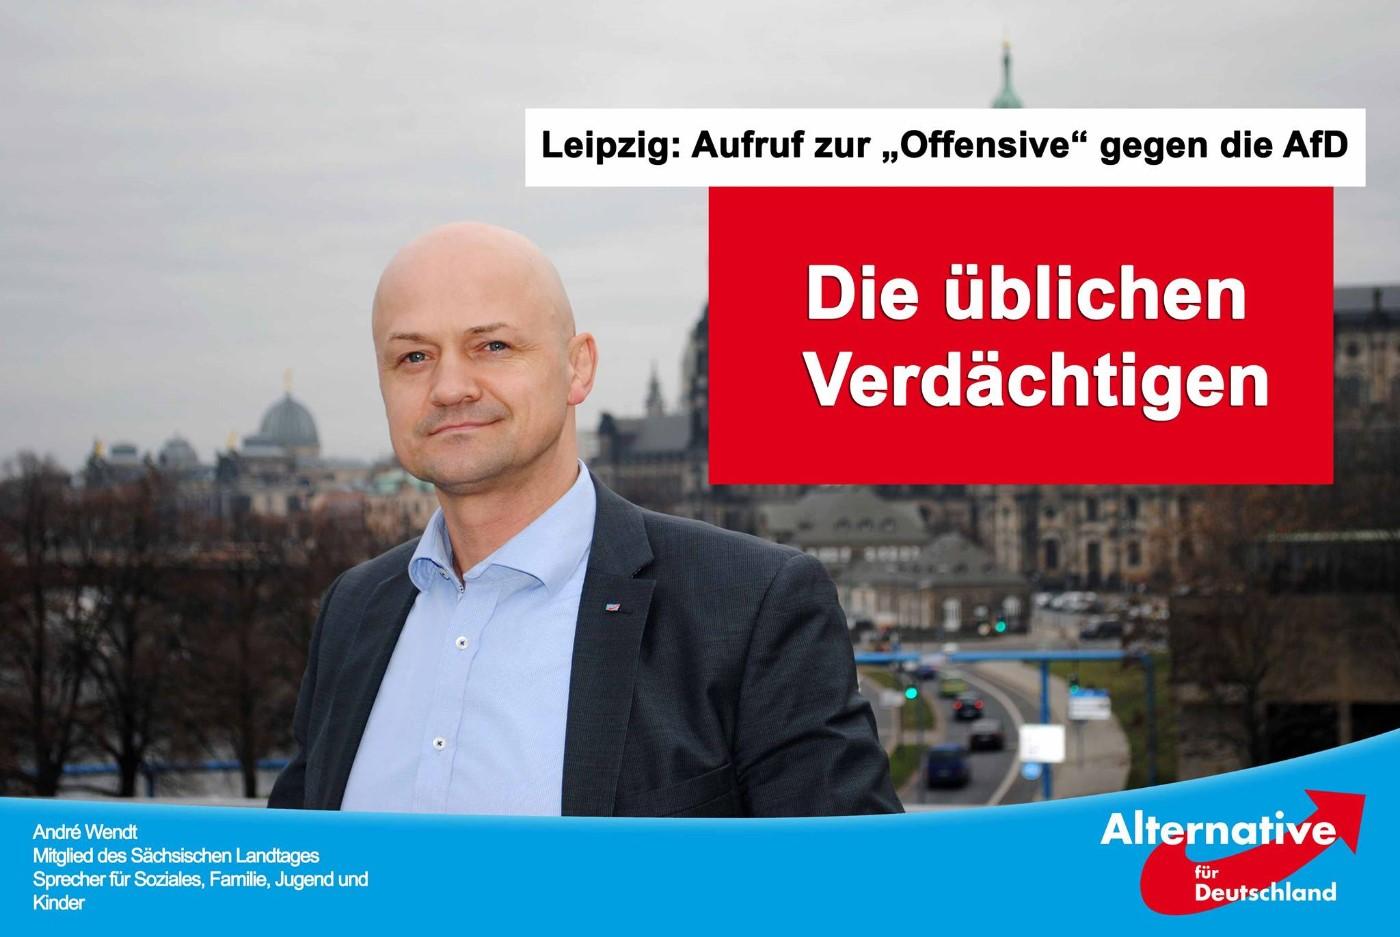 20171001 Andre Wendt Leipzig-Aufruf